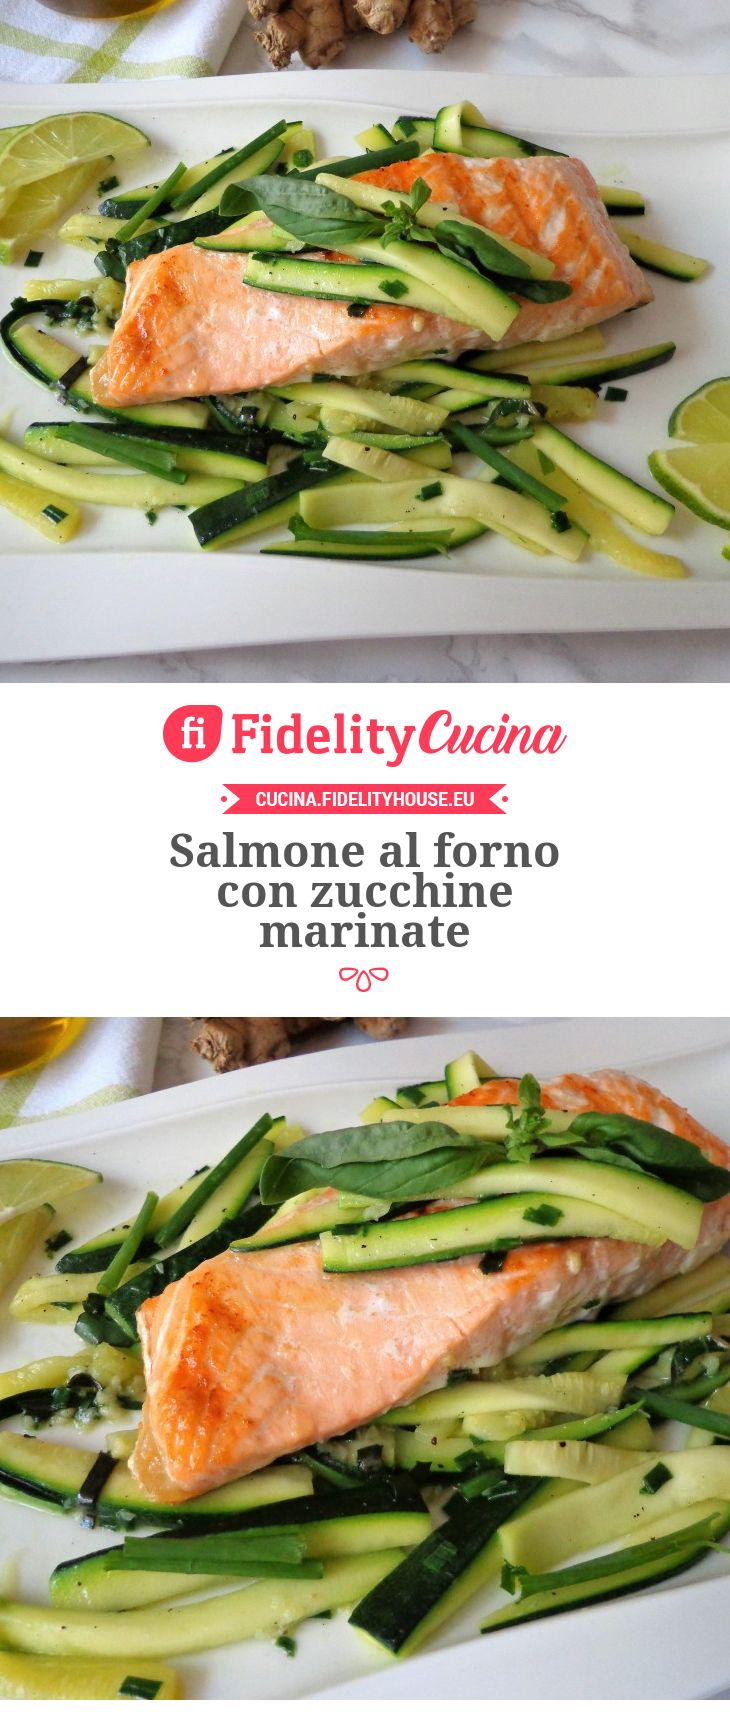 Salmone al forno con zucchine marinate